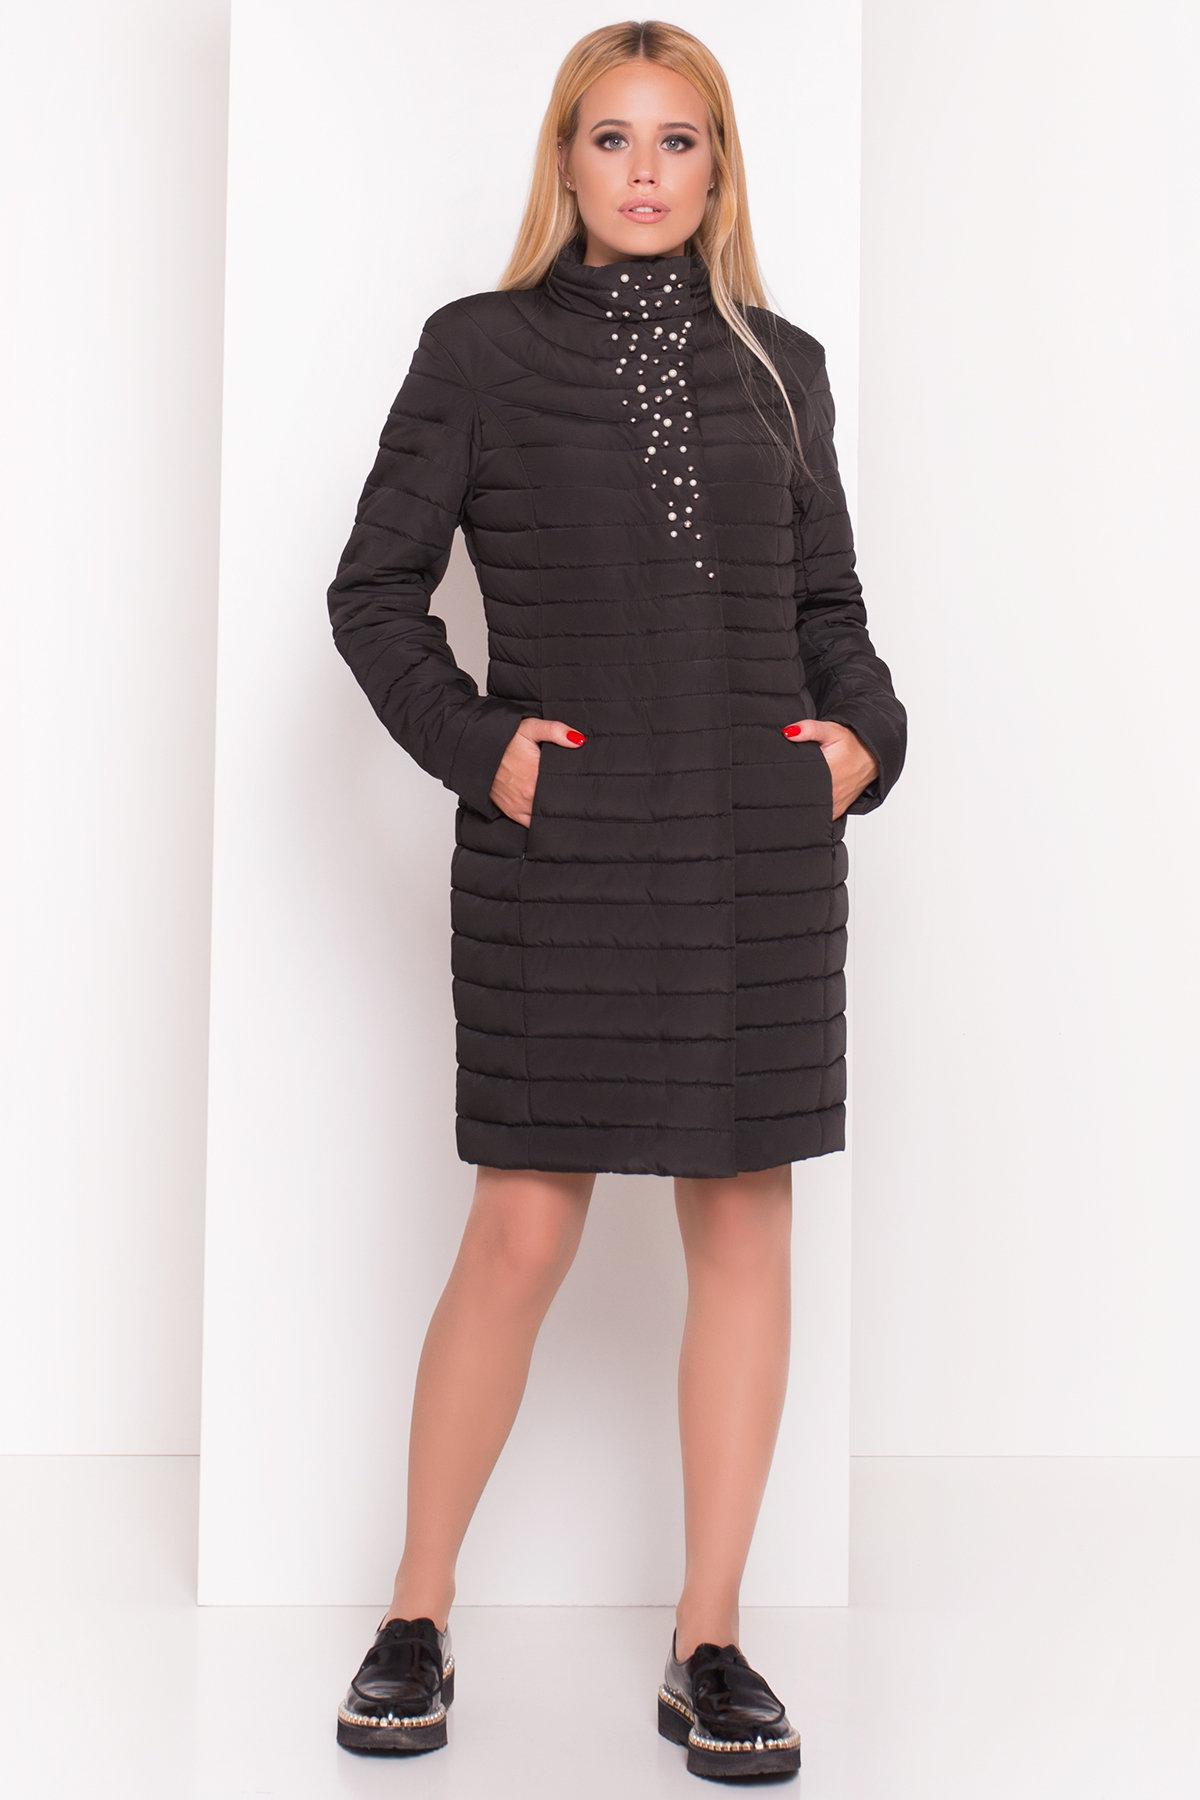 Стильное стеганое пальто Блисс 4520 АРТ. 36585 Цвет: Черный - фото 3, интернет магазин tm-modus.ru